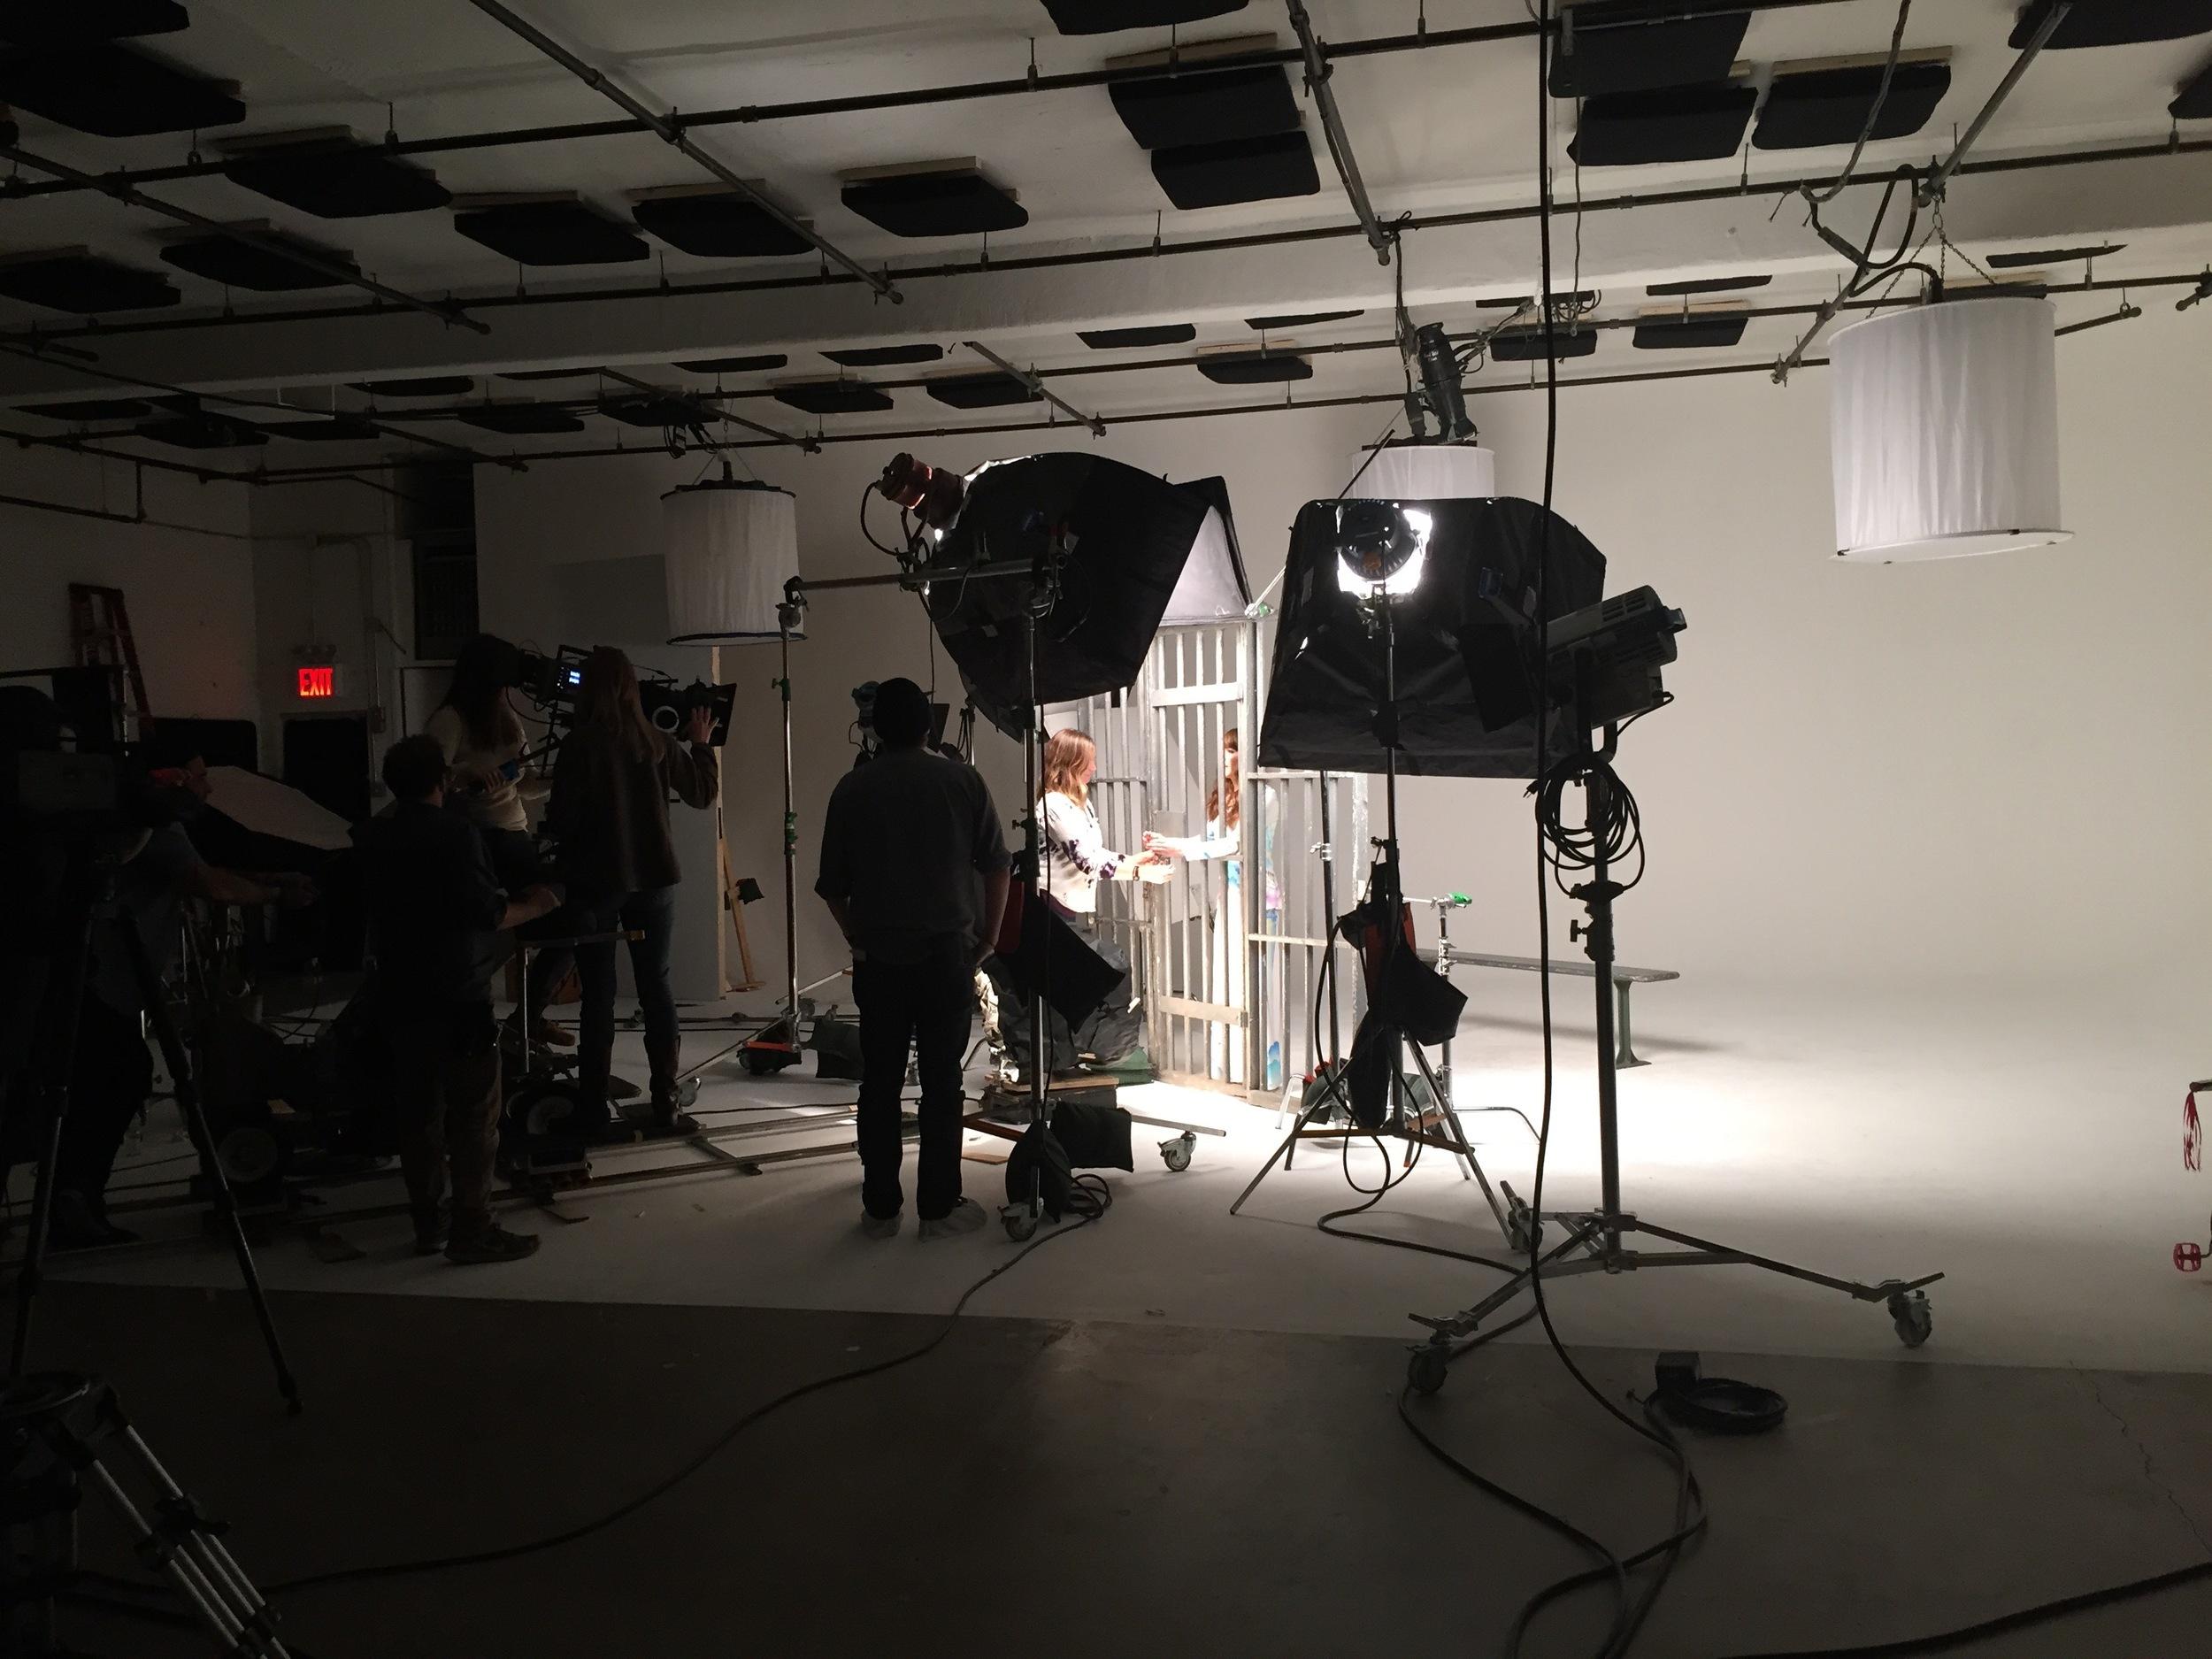 film-stage-nyc.jpg